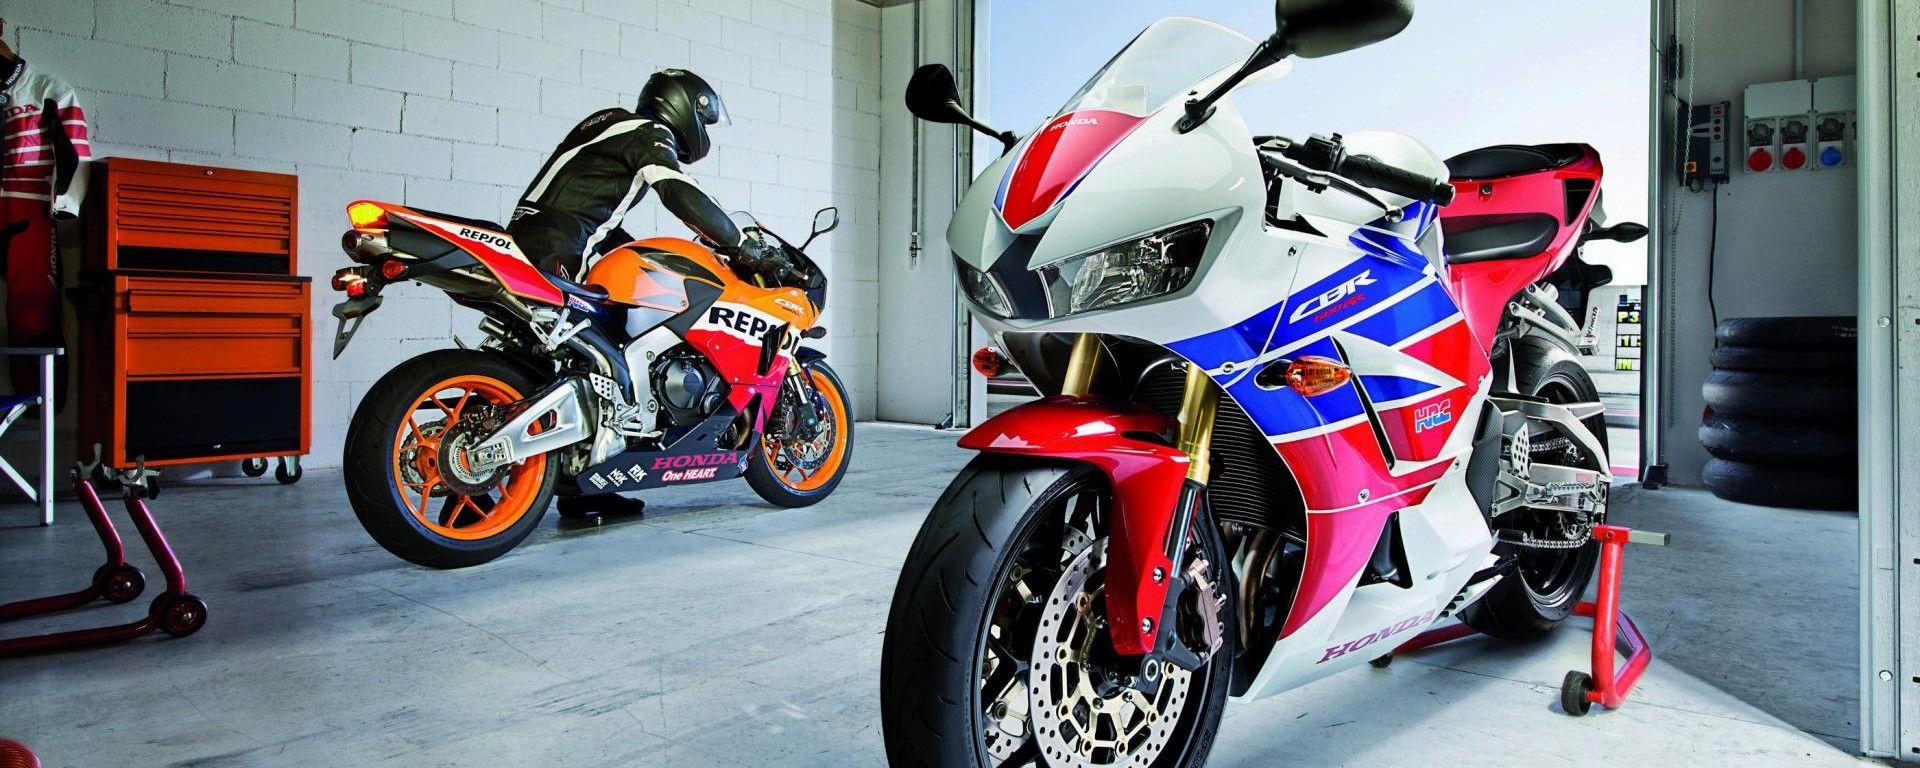 Honda CBR600RR 2019: le prime indiscrezioni